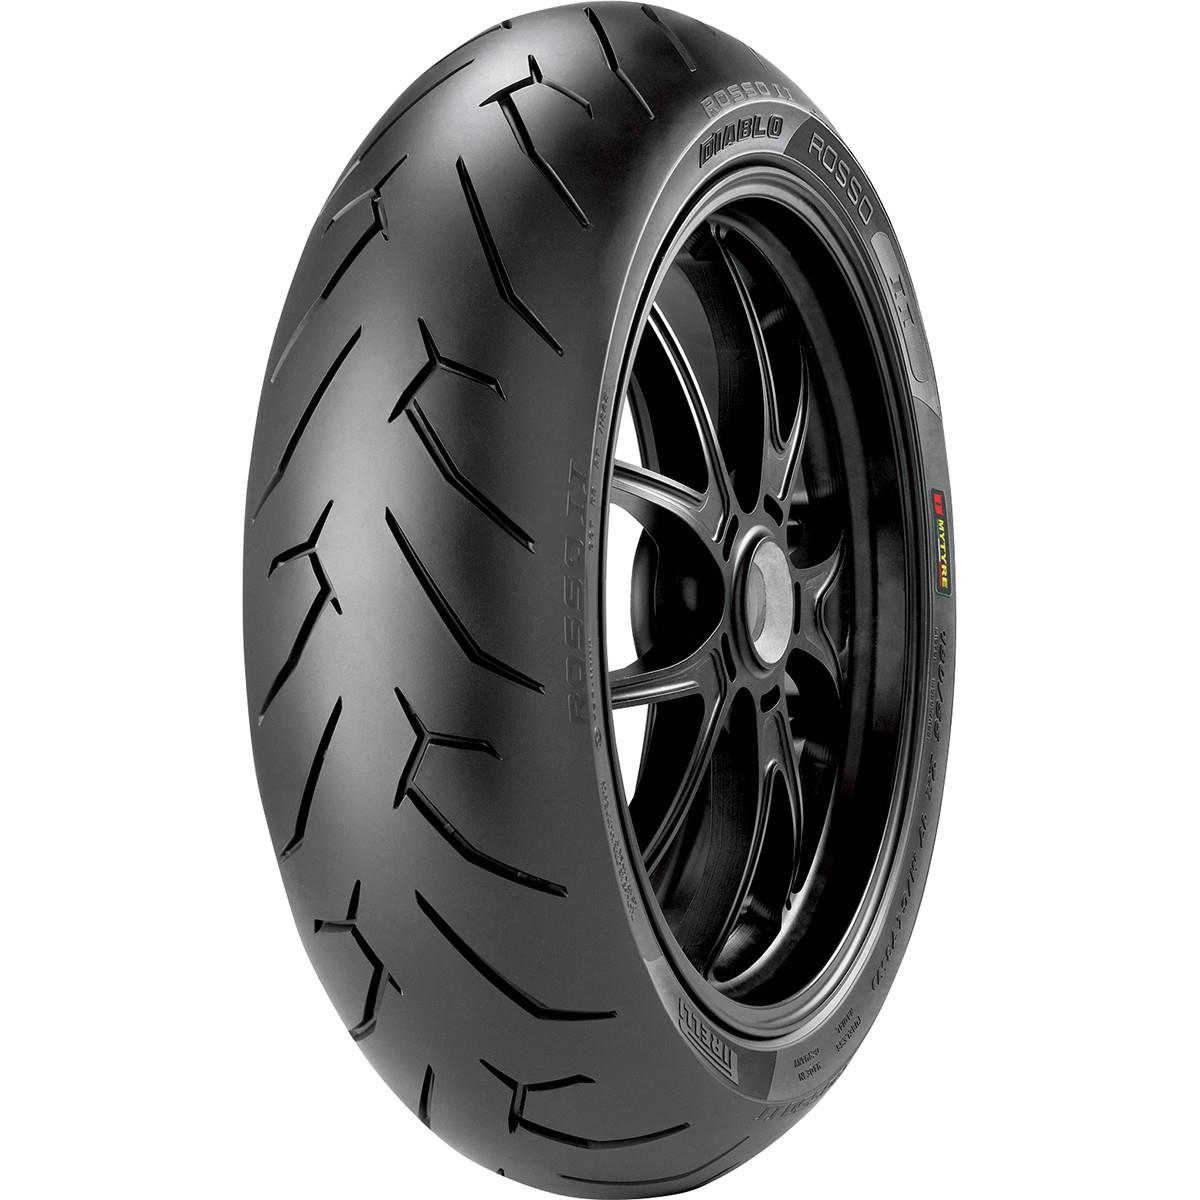 140//70R17 Diablo Rosso 2 Rear Motorcycle Tire Pirelli 2055400